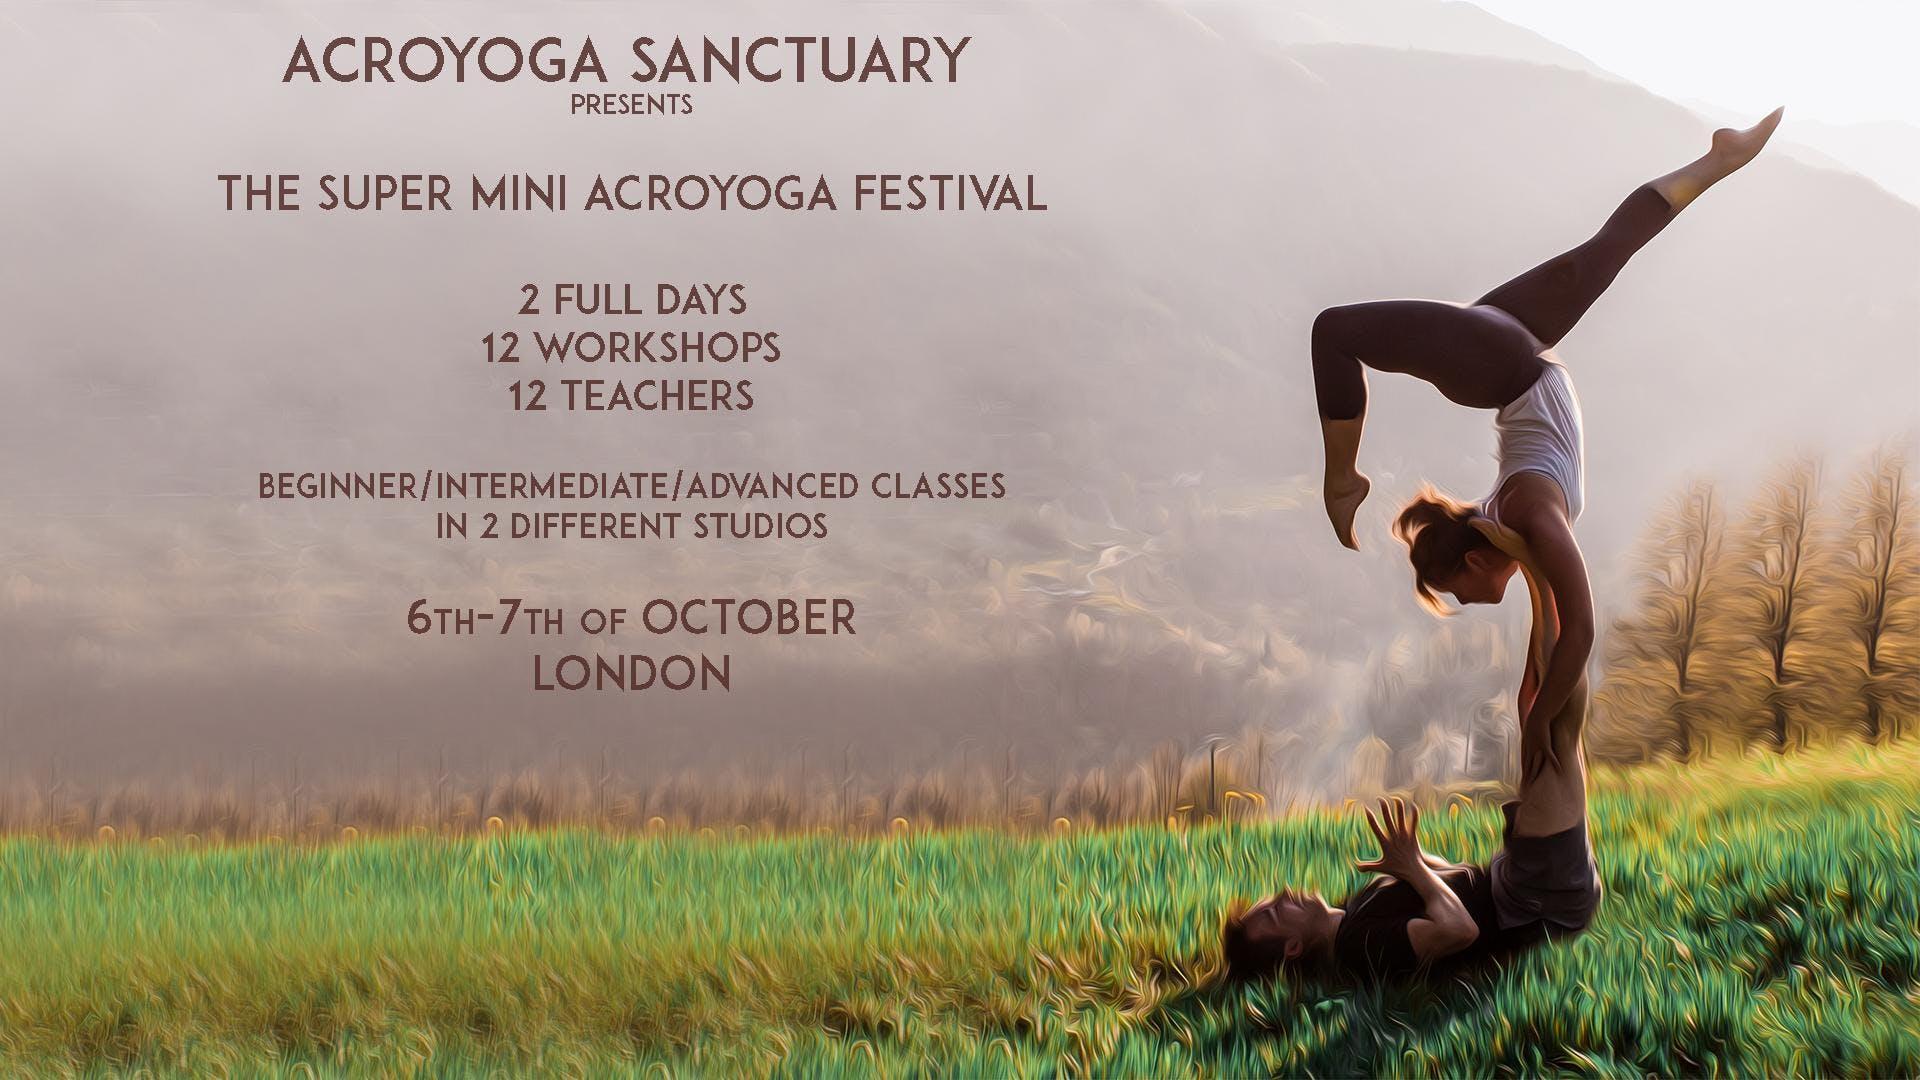 The Super Mini Acroyoga Festival